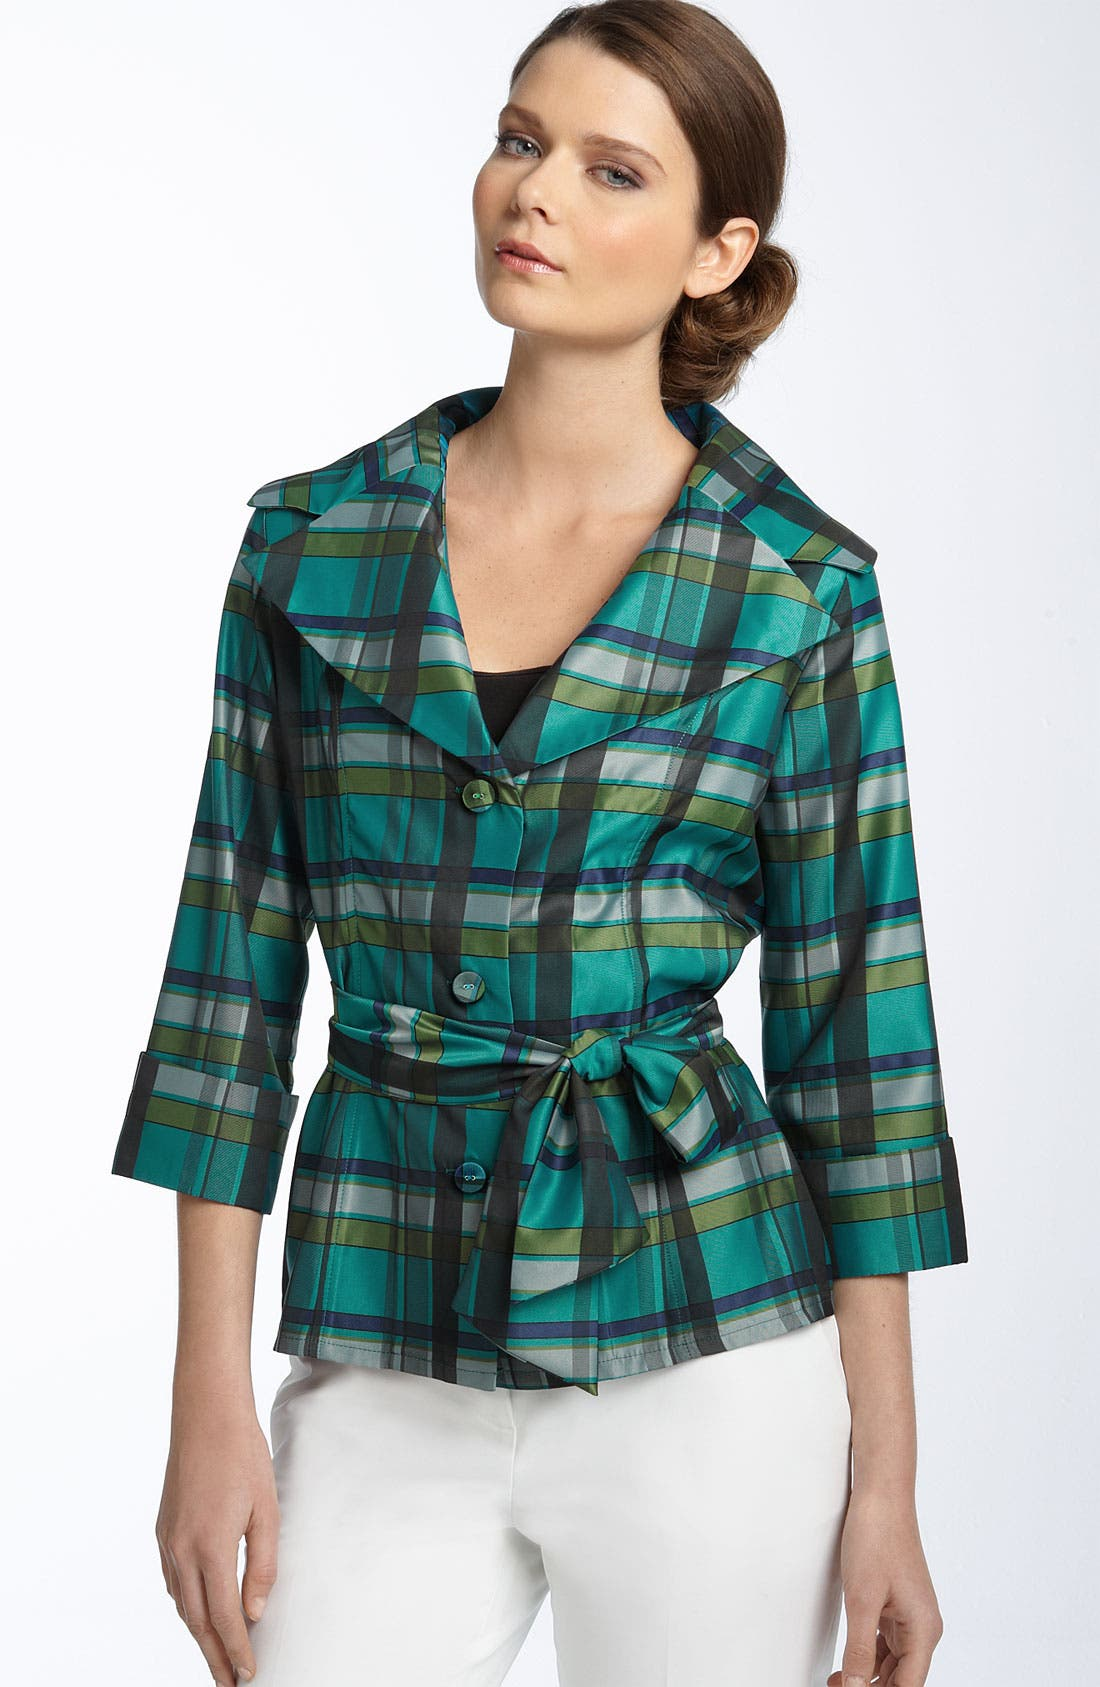 Alternate Image 1 Selected - Puli Plaid Jacket